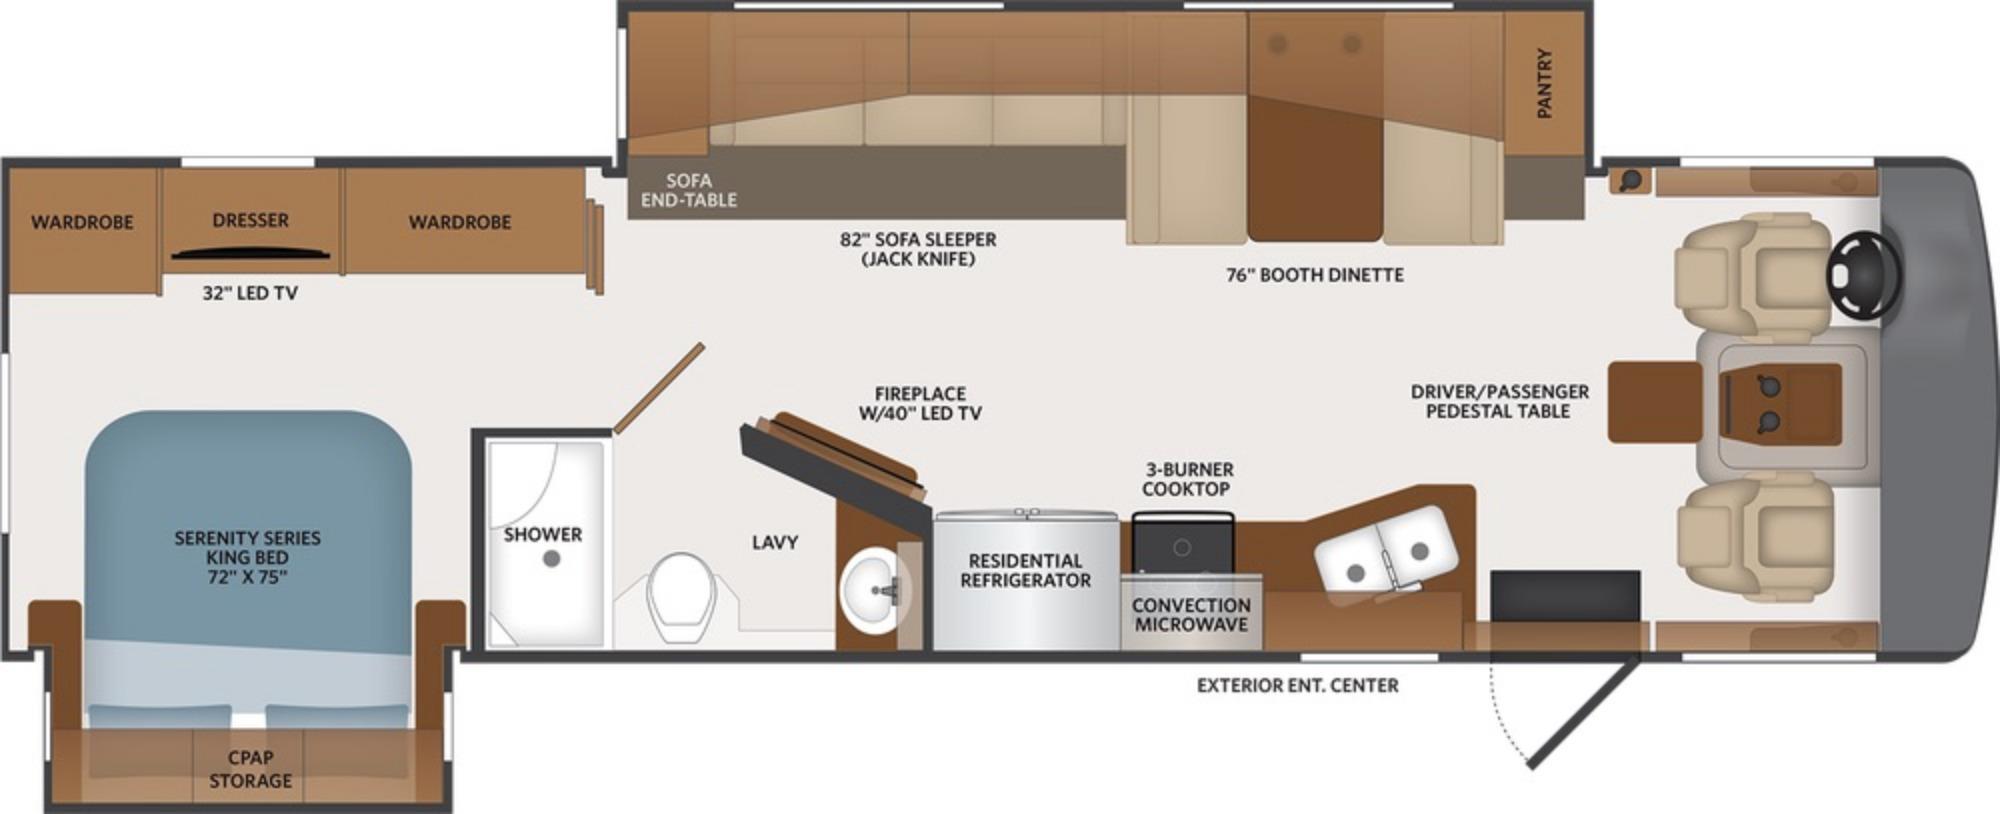 View Floor Plan for 2021 FLEETWOOD BOUNDER 33C